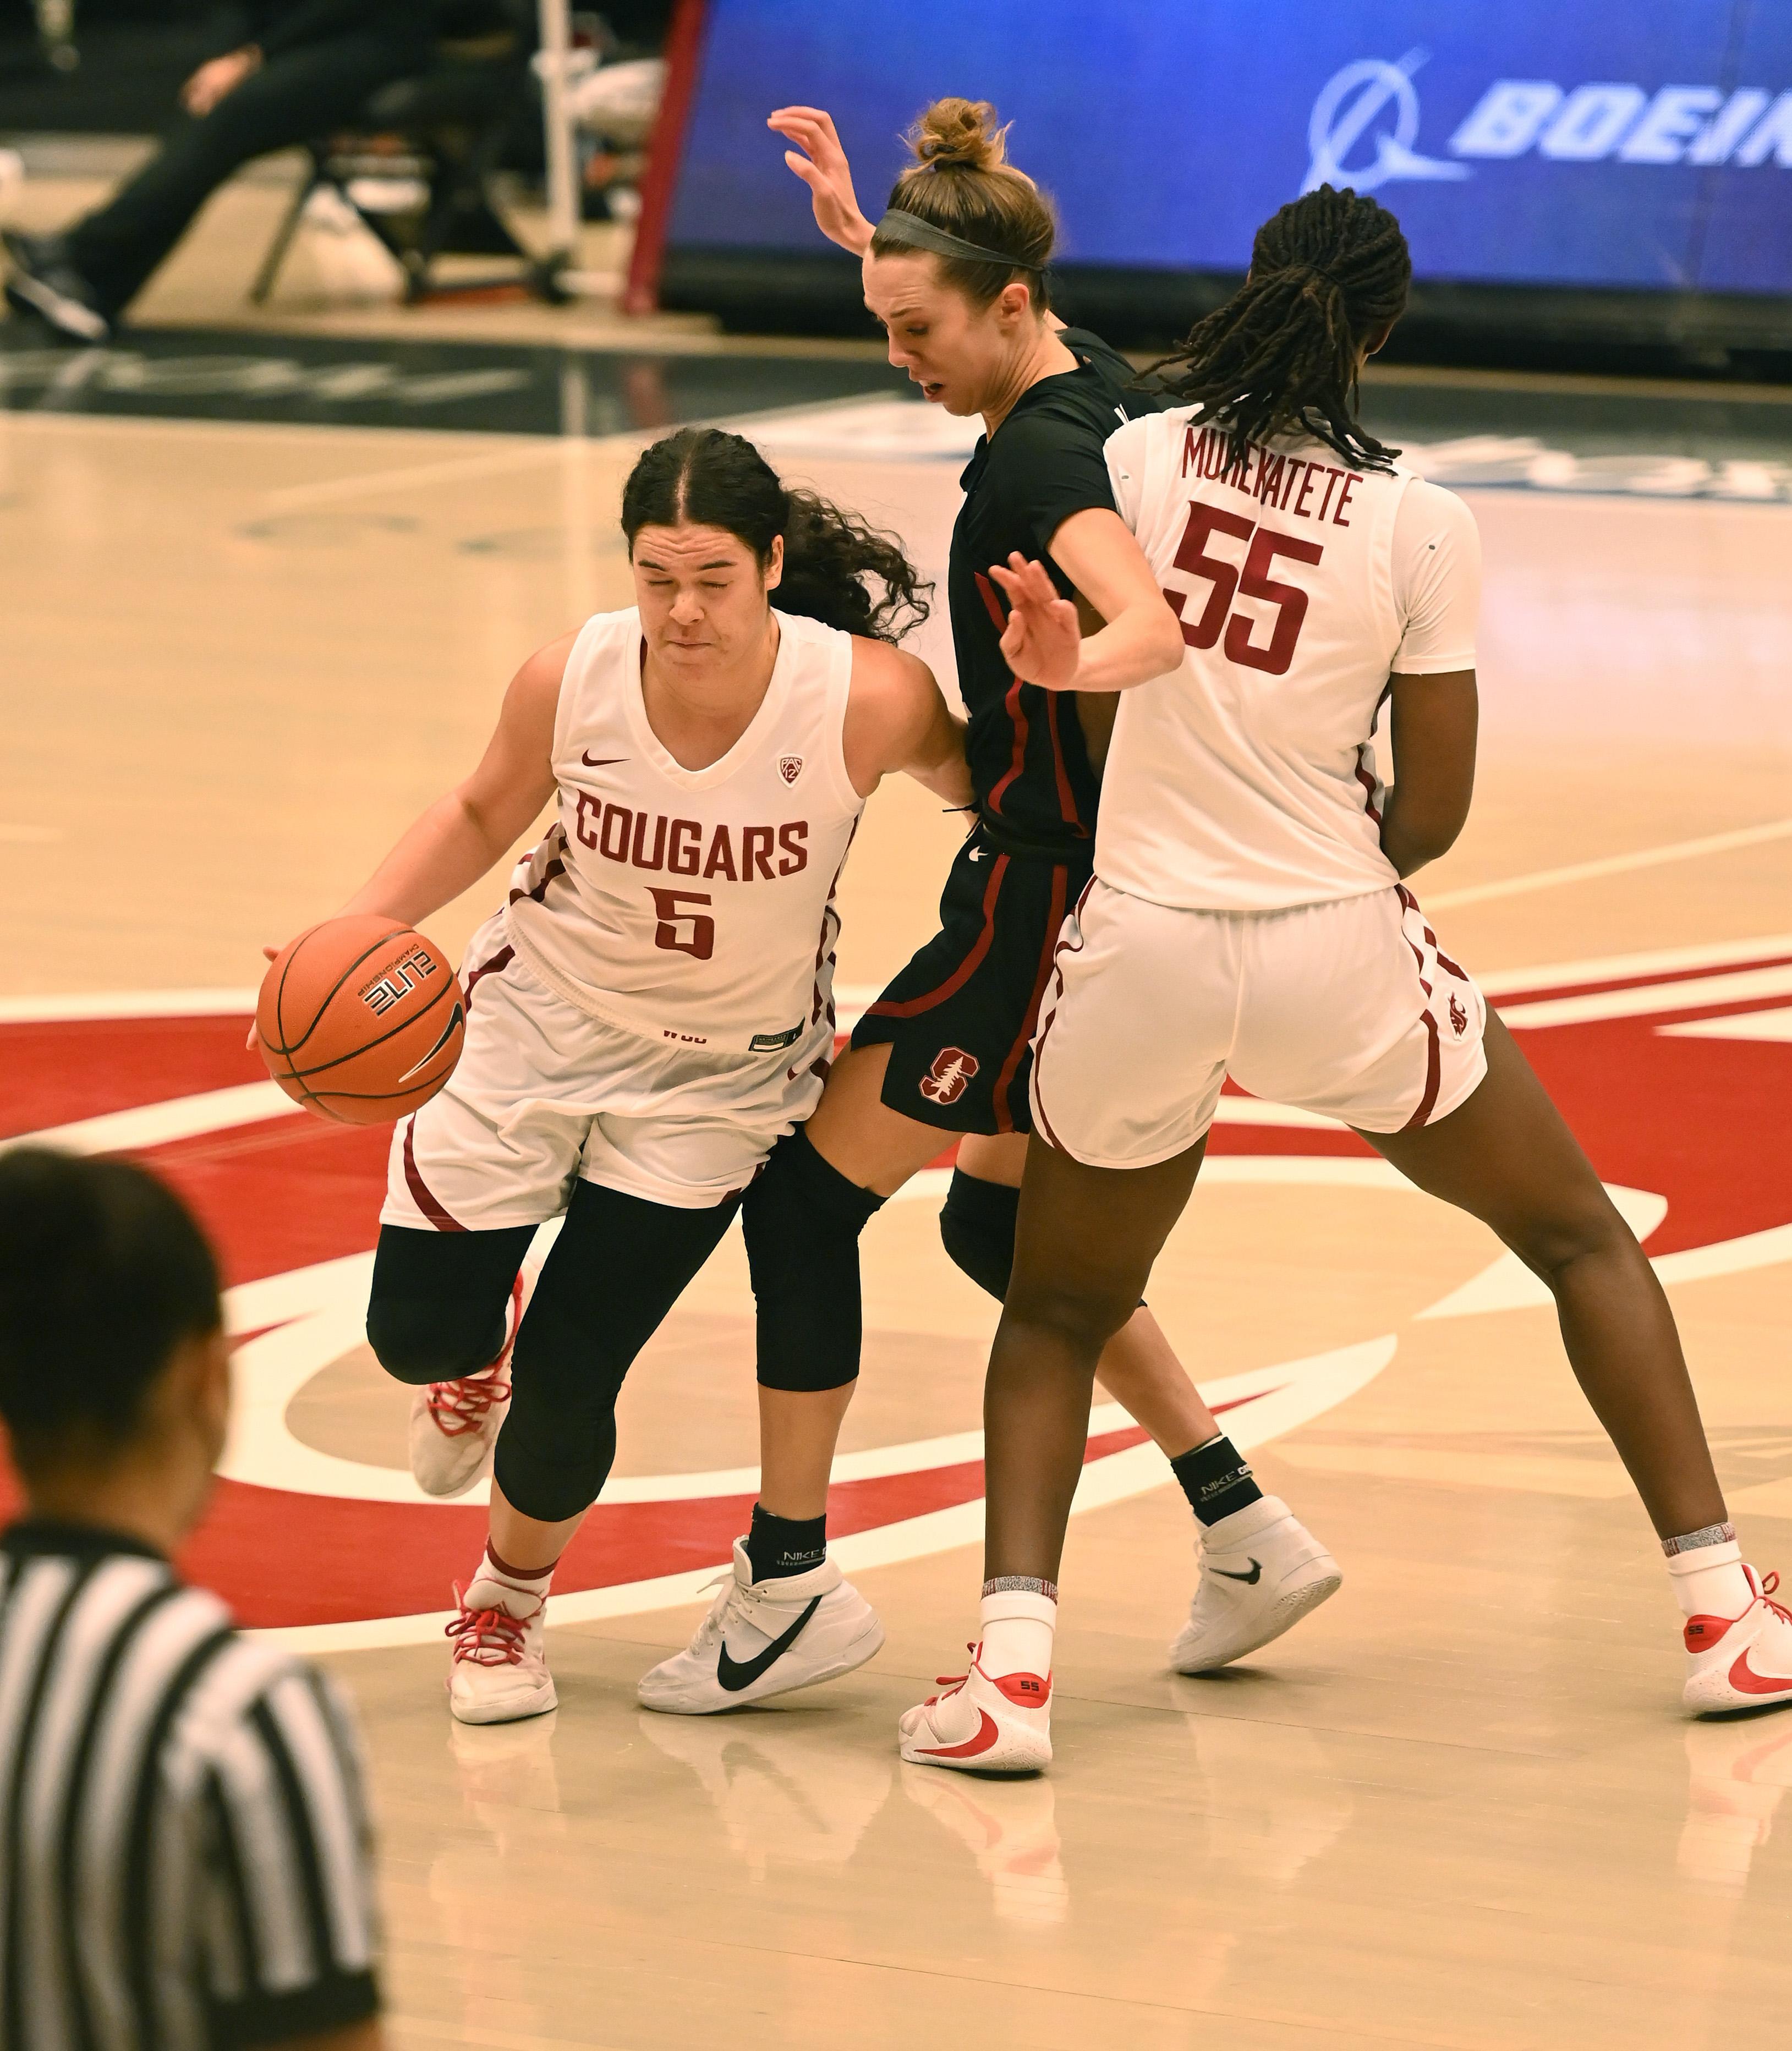 COLLEGE BASKETBALL: JAN 29 Women's Stanford at Washington State